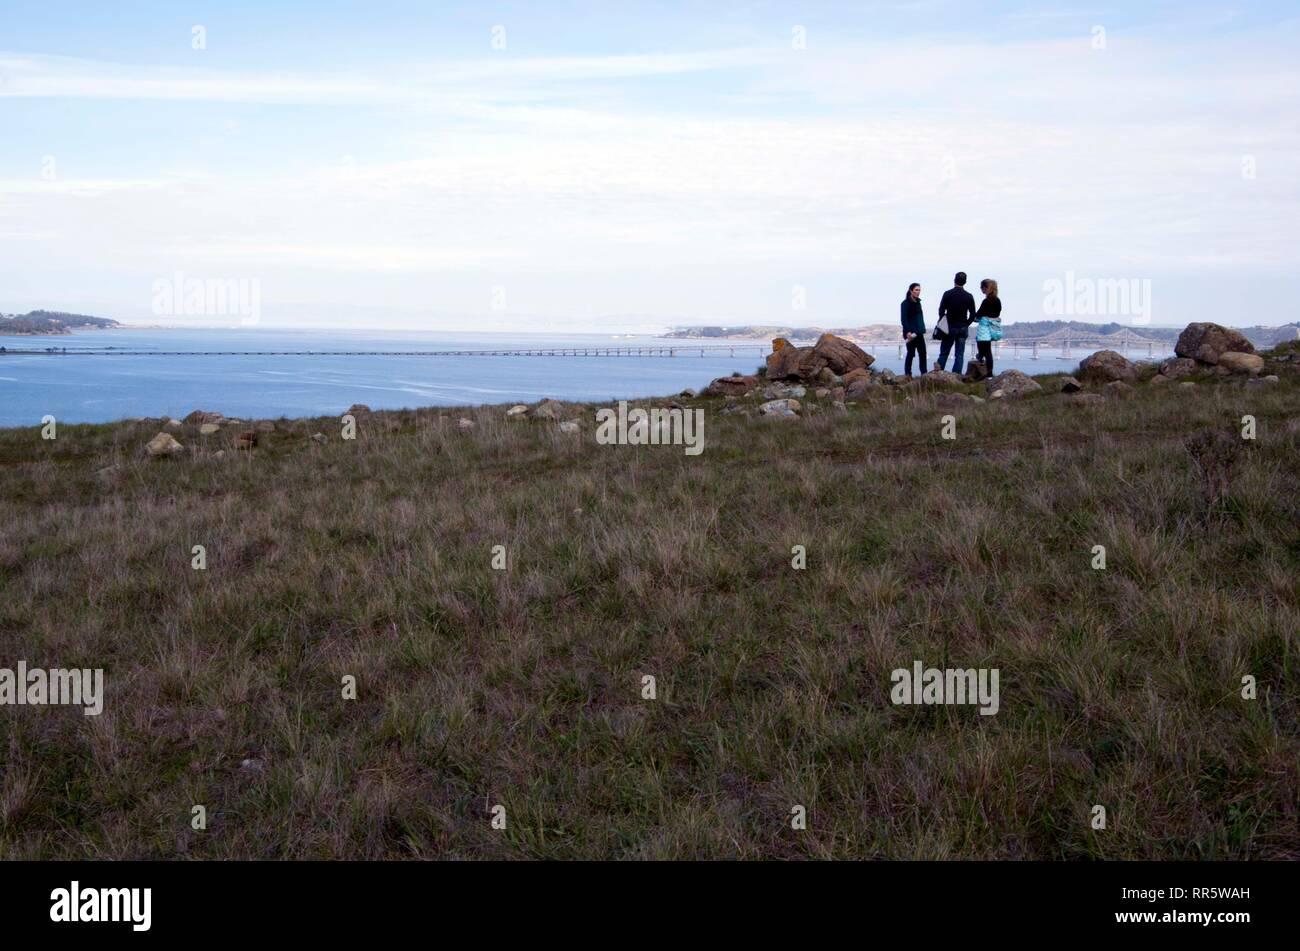 Drei Personen machen Sie eine Pause auf dem Weg nach oben am Berg in Marin County. Sie stoppten die Ansicht der Richmond Brücke zu schätzen. Stockbild